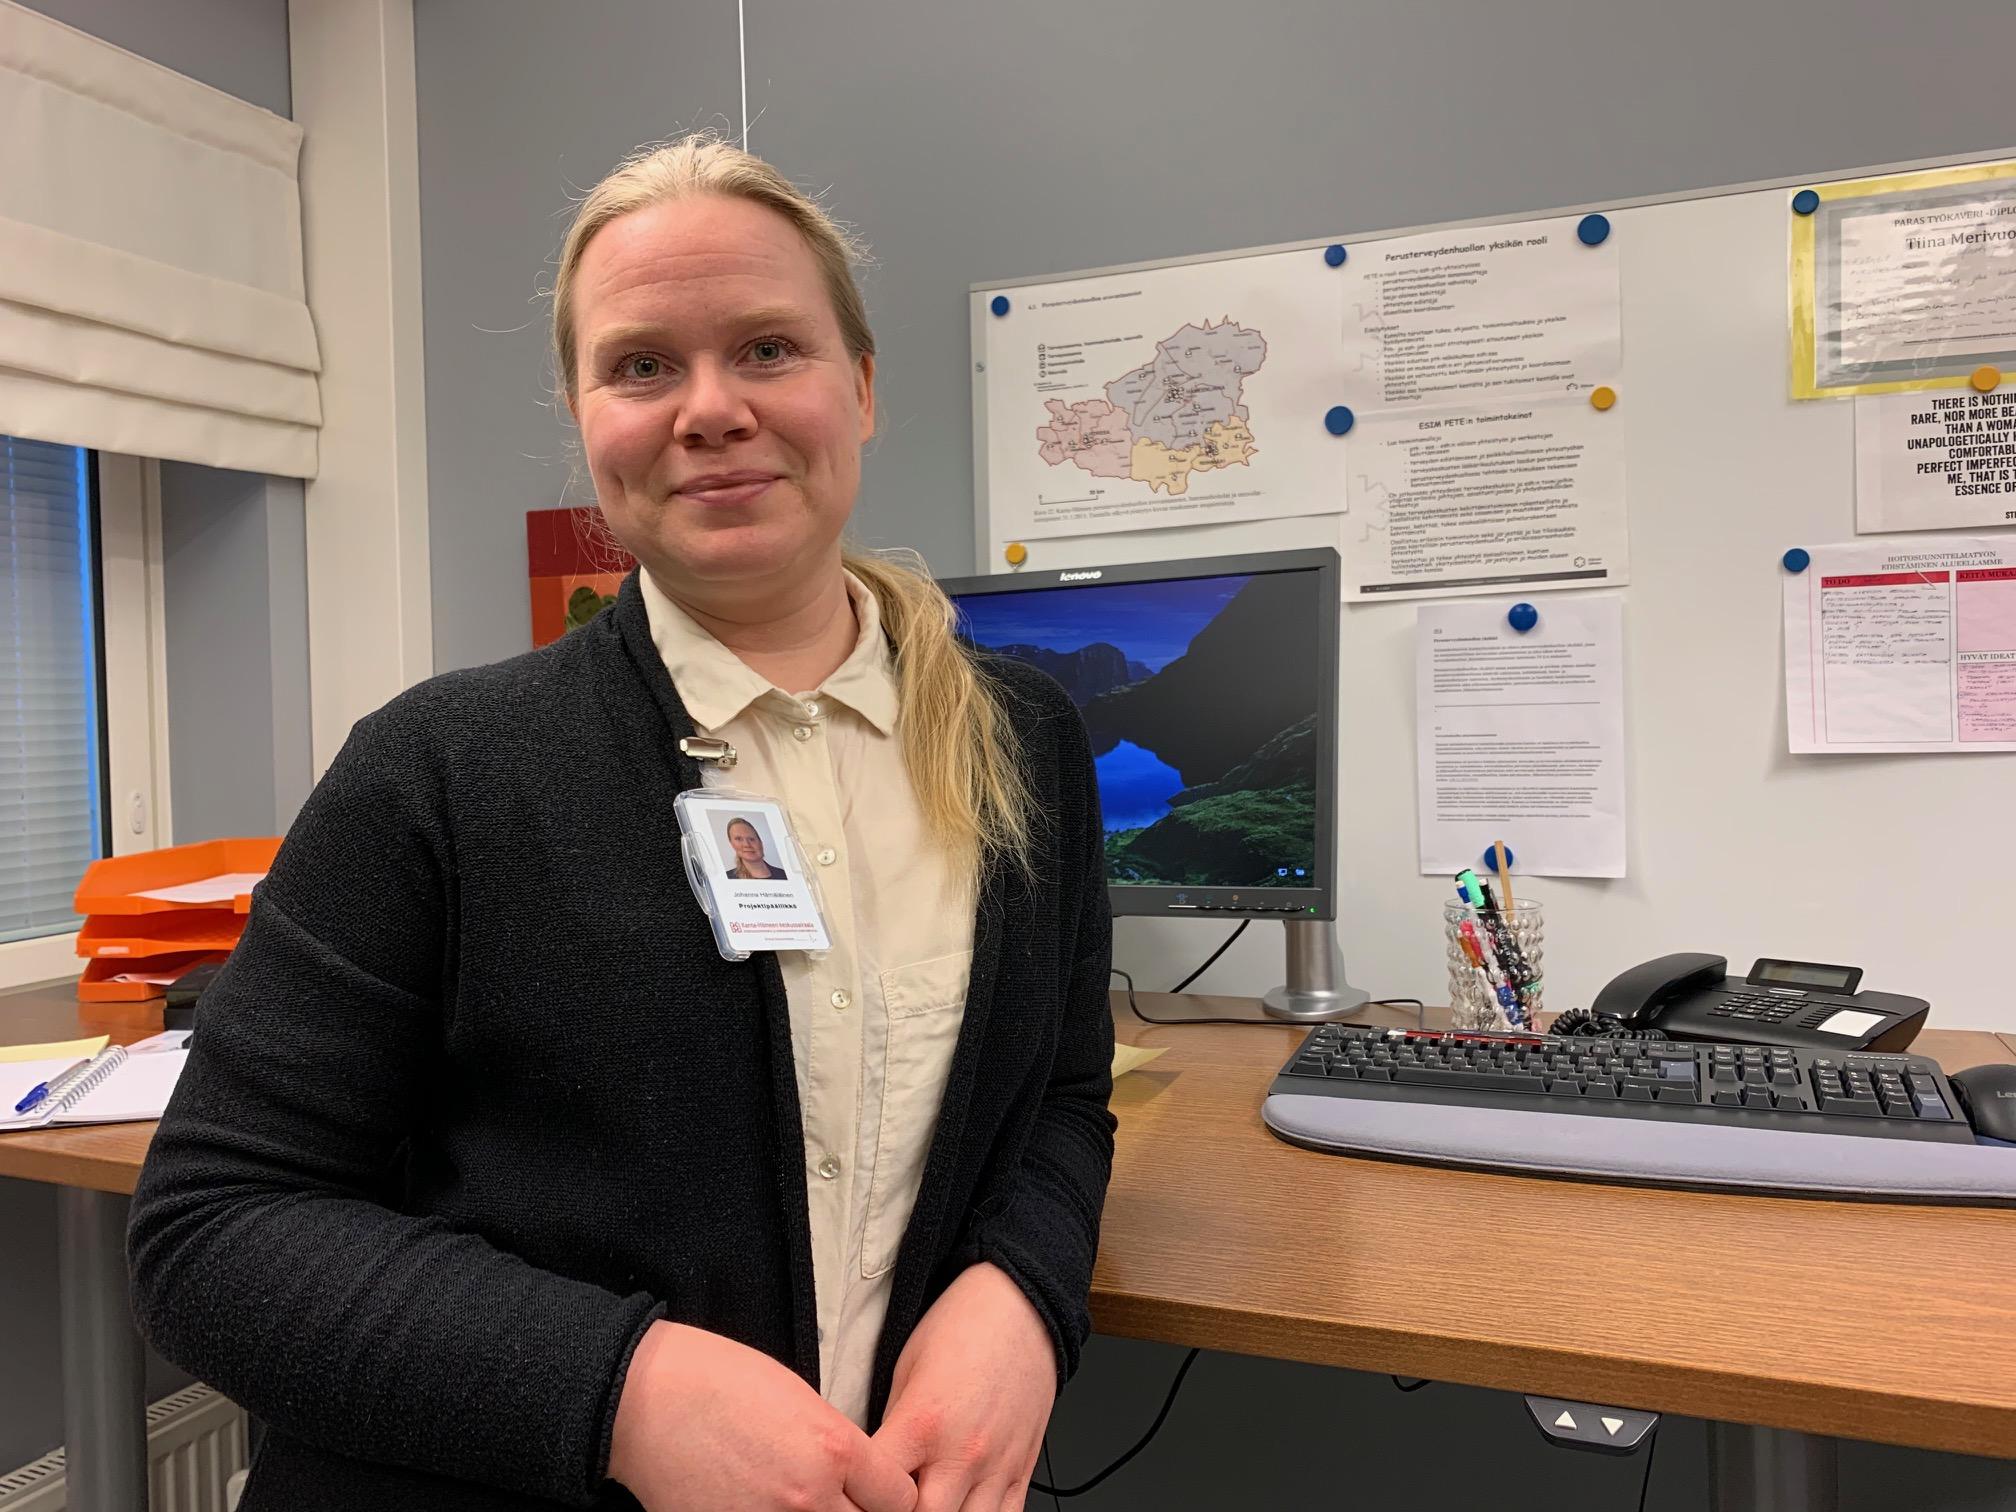 Huomisen terveyskeskus -hankkeen projektipäällikkö Johanna Hämäläinen